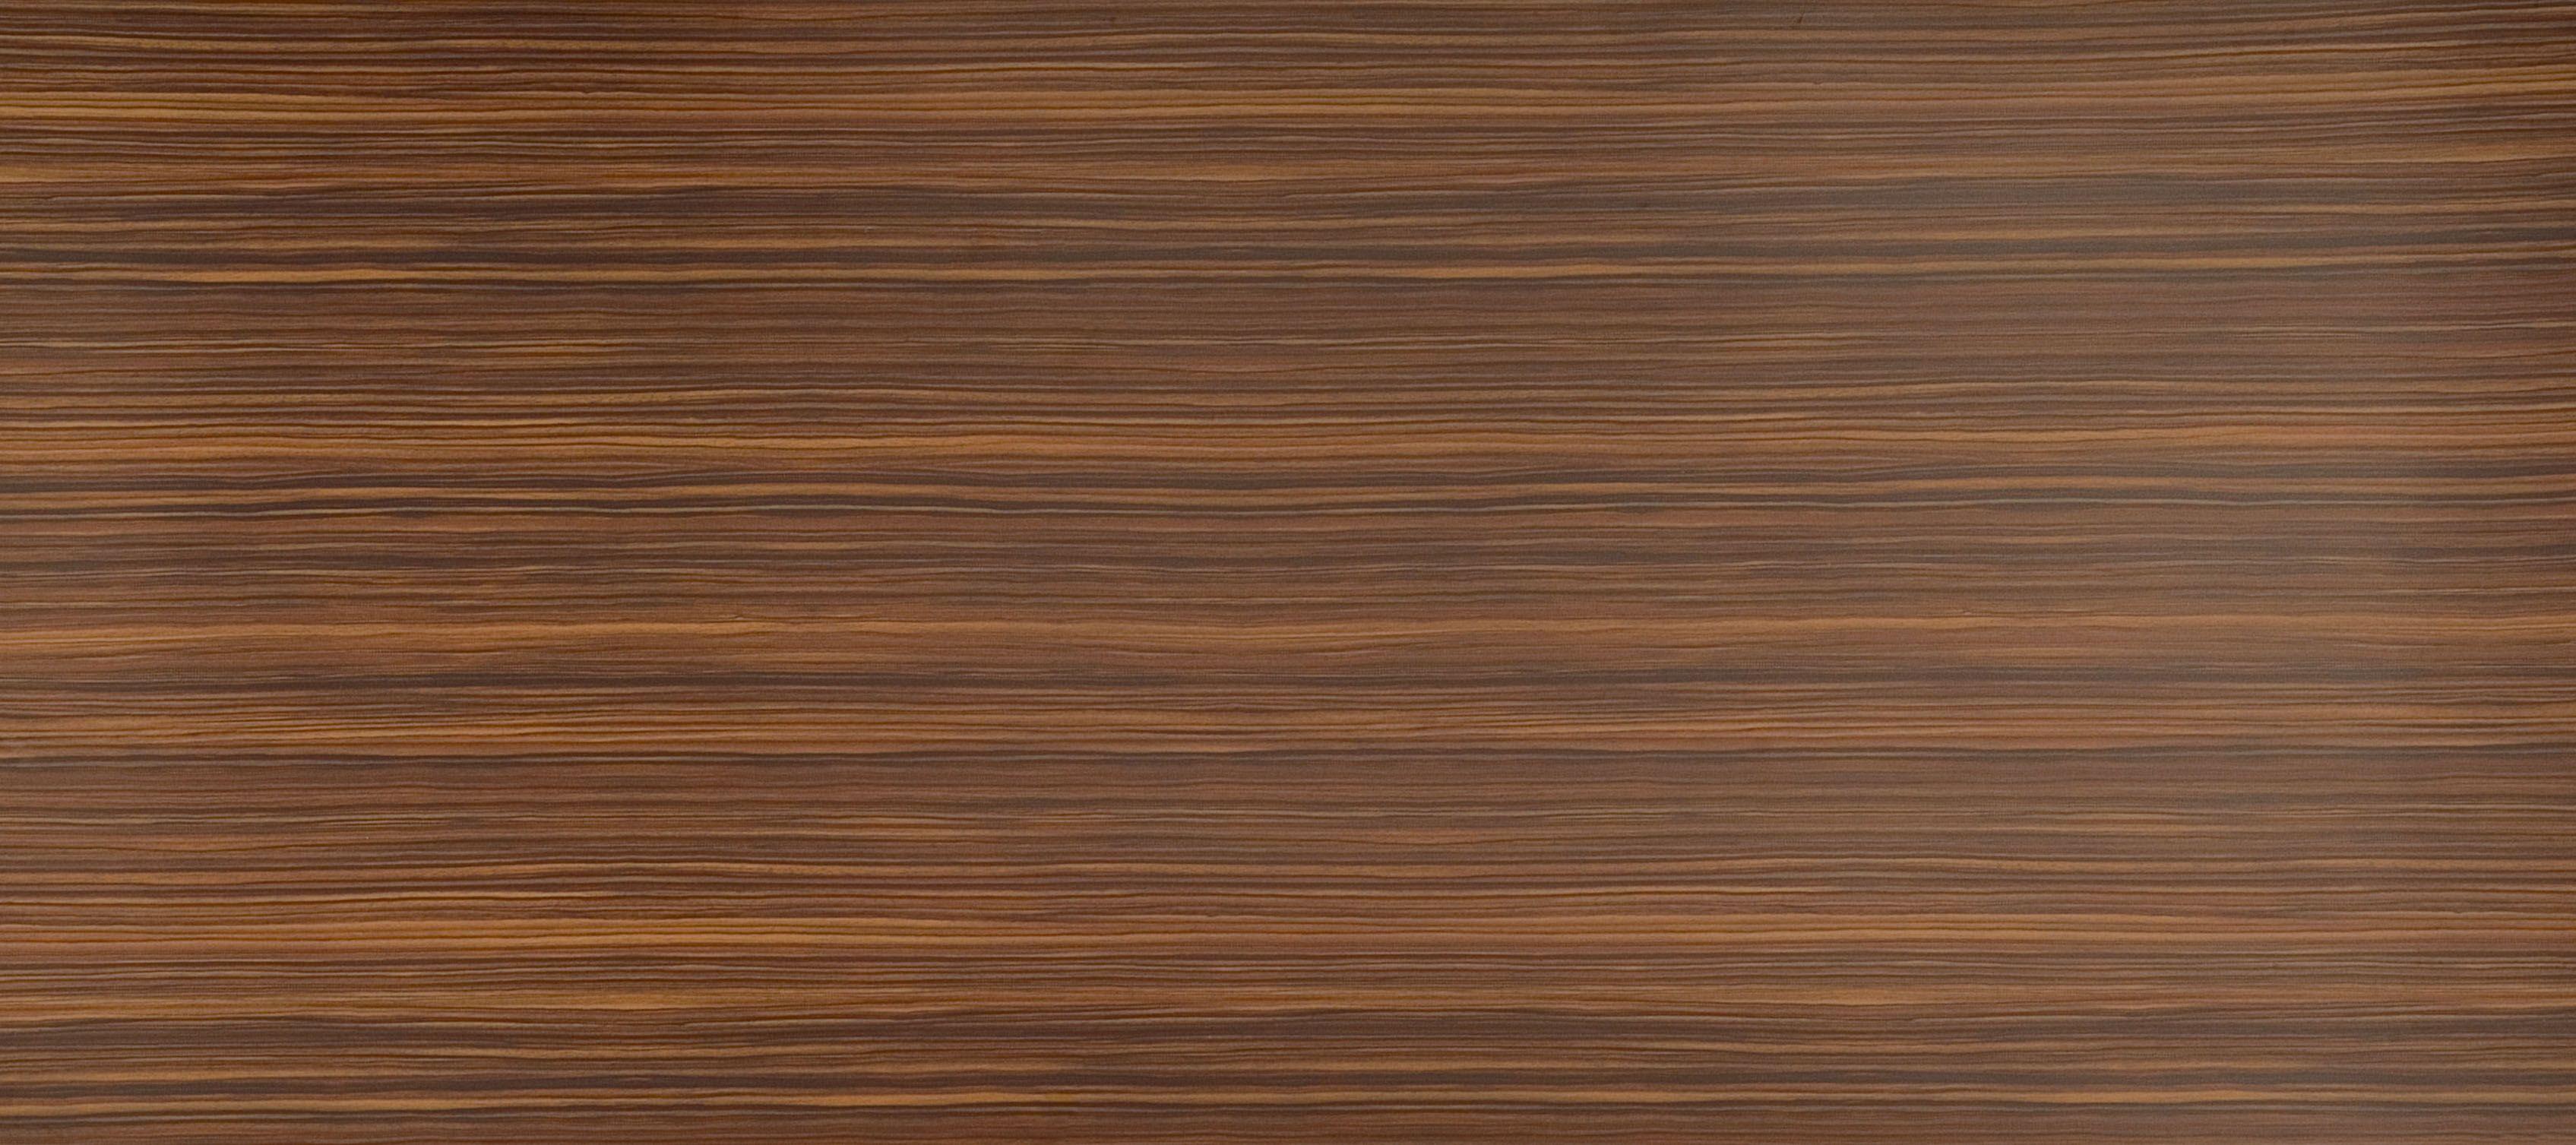 Polished wood texture moodles dishwasher2 pinterest